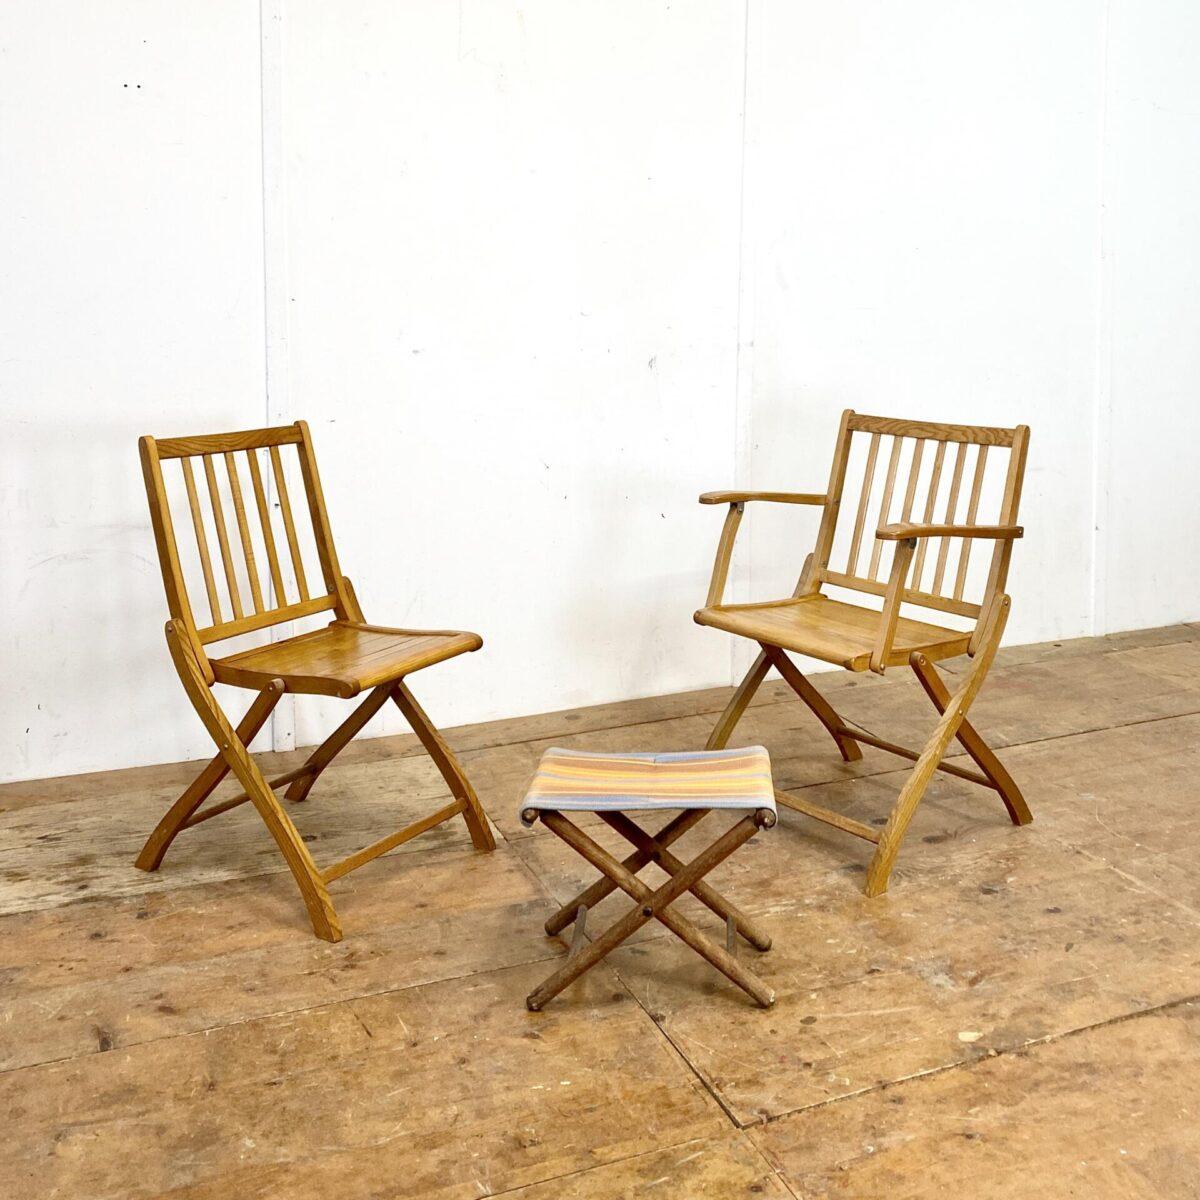 Deuxieme.shop Regiestuhl Holz Klappstühle Gartenstühle. Zwei Klappstühle von Erba, einer mit Armlehnen. Preis für beide, der kleine Klapphocker kostet 45.- Die Stühle sind in gutem funktionalen Zustand.